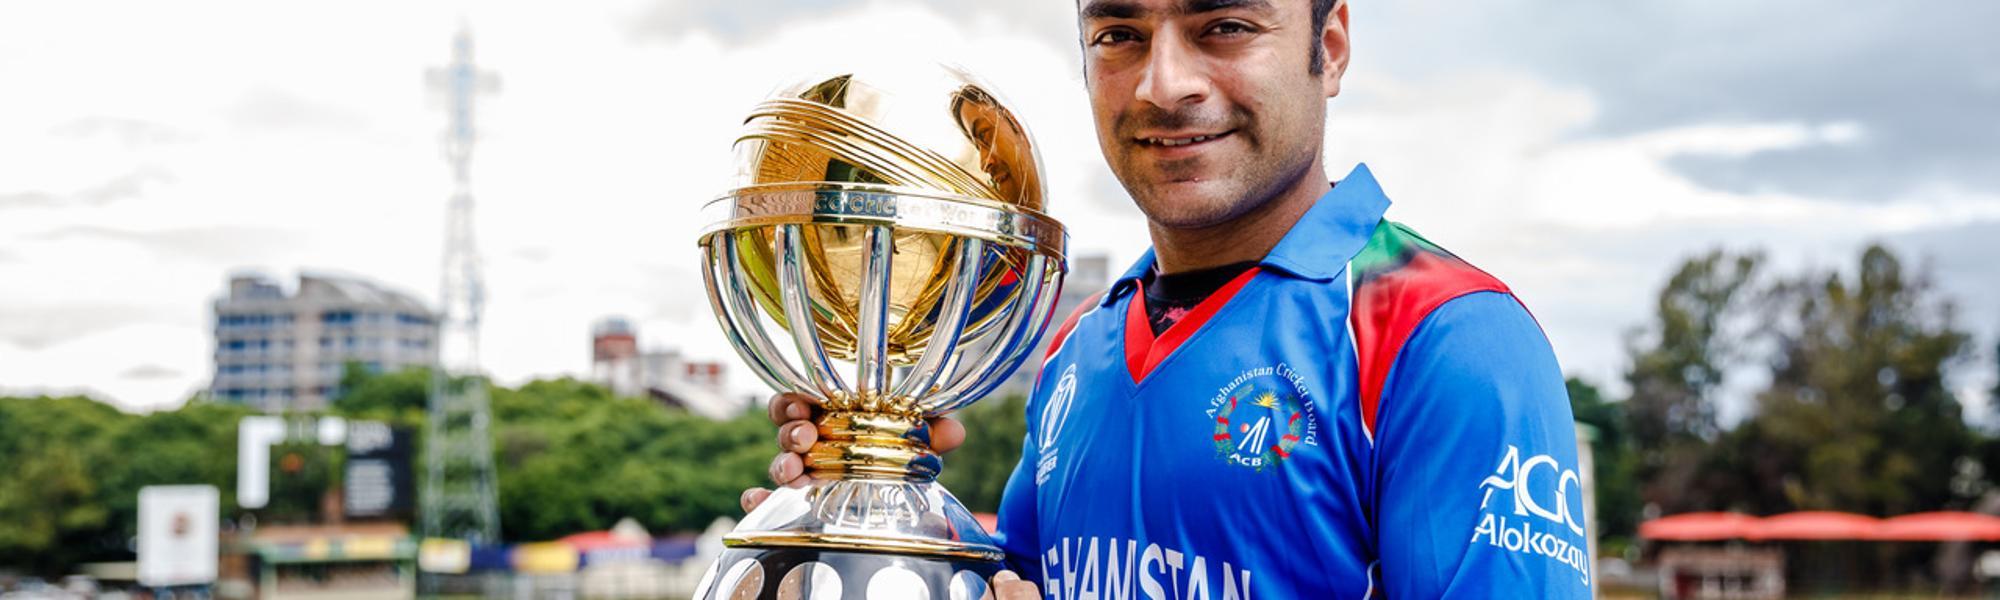 Rashid trophy